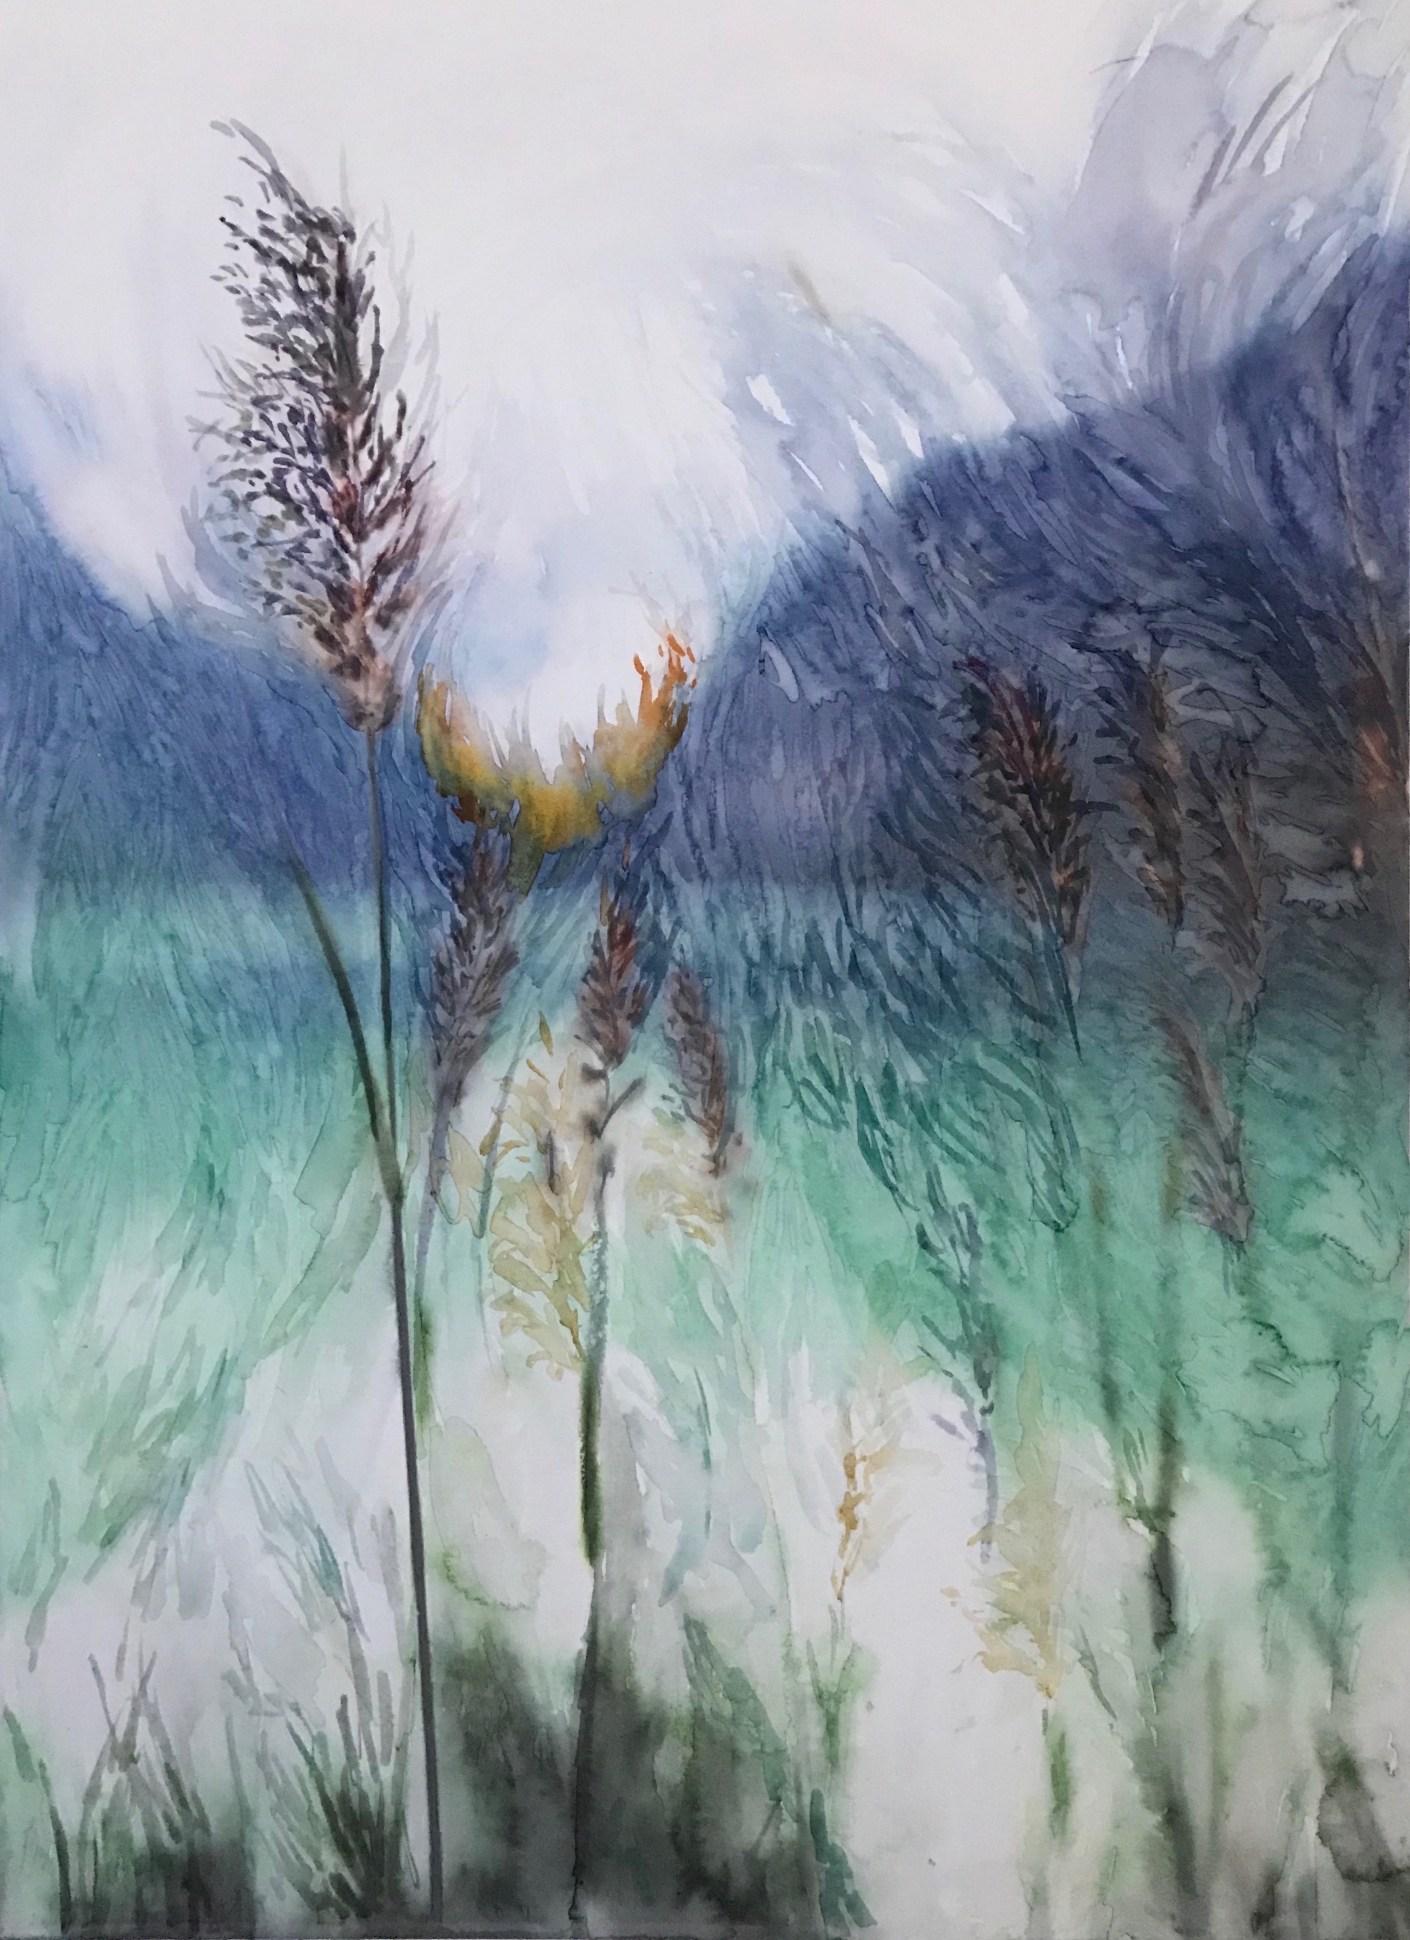 pampas grass landscape 5_aquarela em papel 26X37_Edna Carla Stradioto_2019